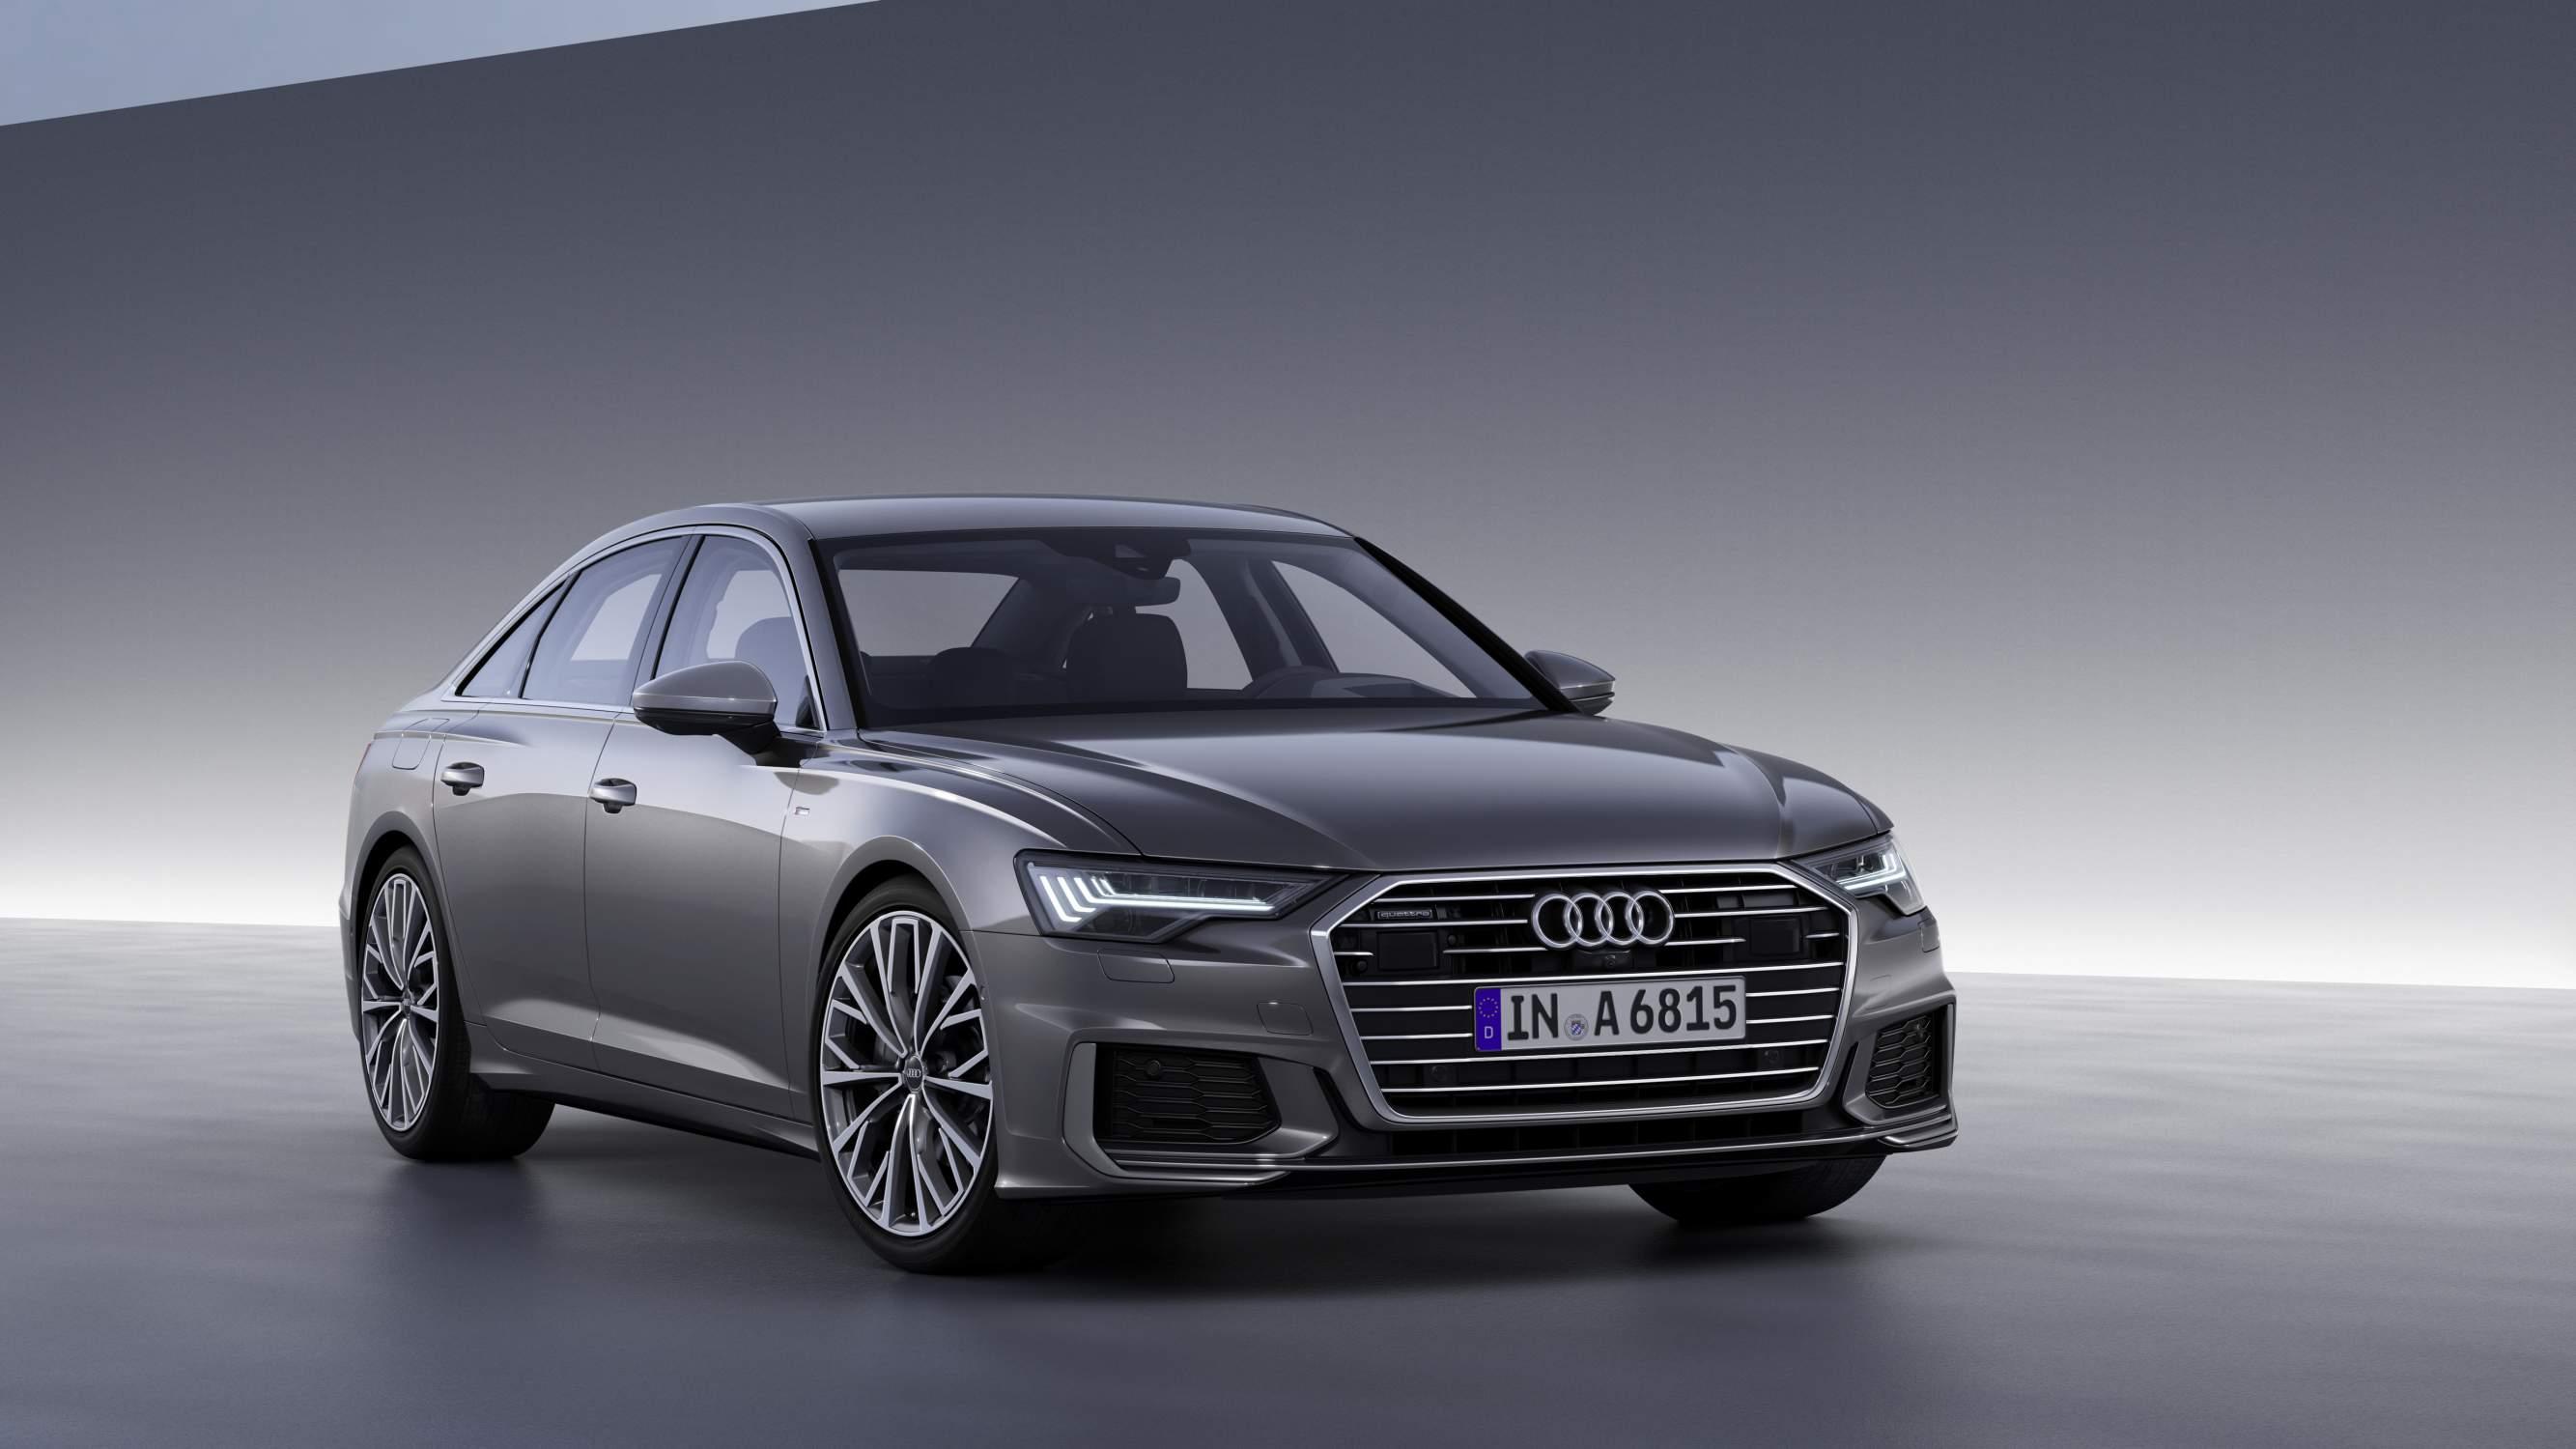 Audi A6 : les professionnels en ligne de mire